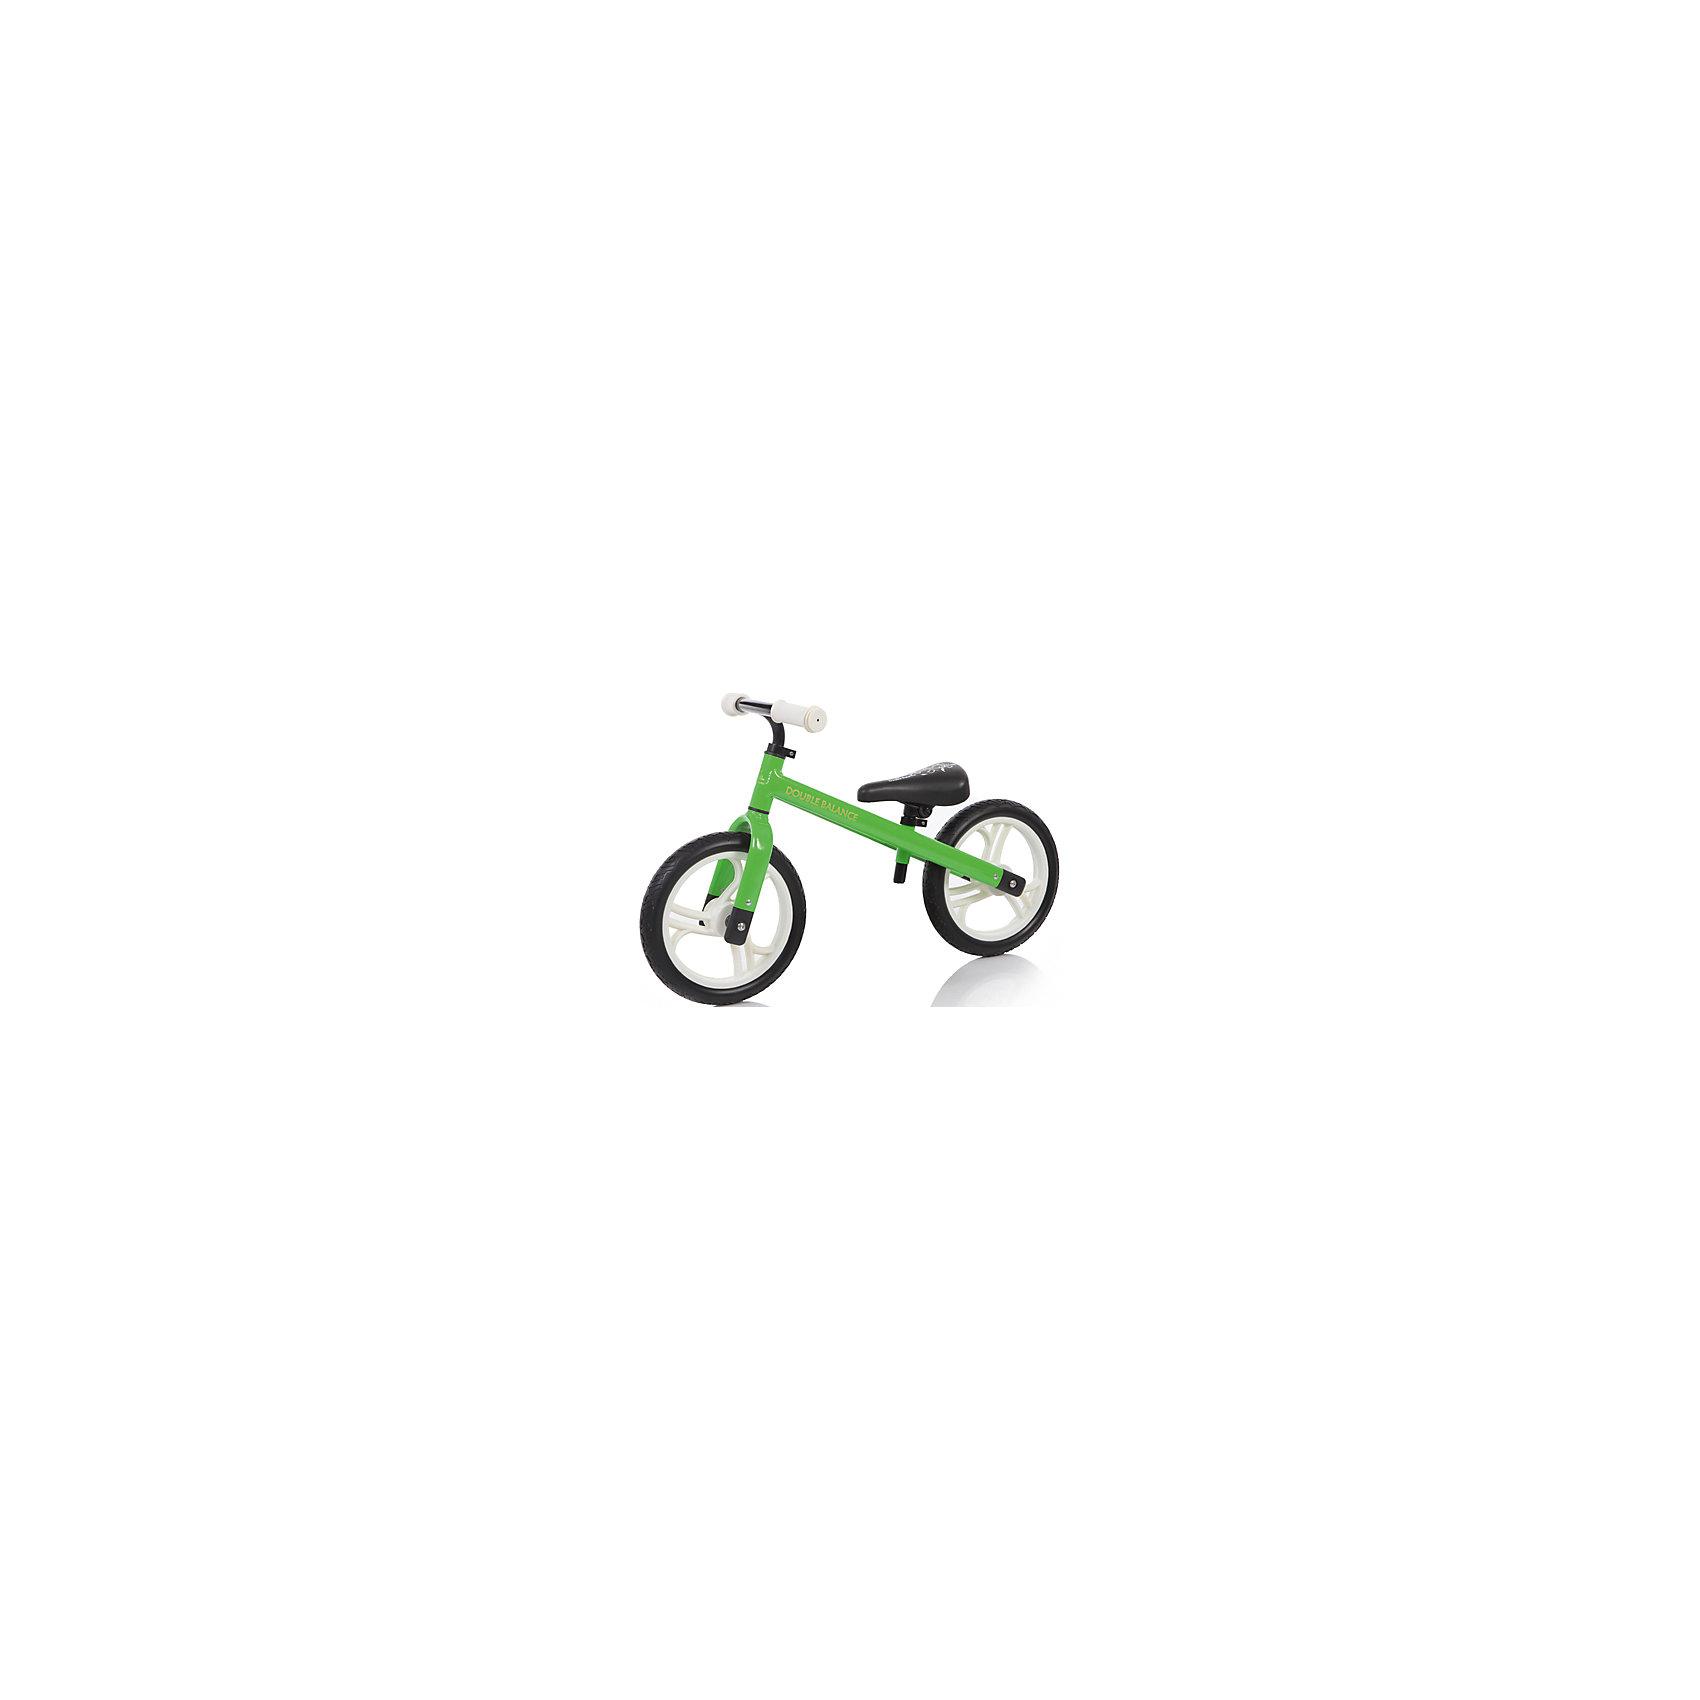 Беговел, салатовый, JetemБеговелы – это детские двухколесные велосипеды, у которых нет педалей. Они совмещают в себе черты велосипеда и самоката и помогают научиться удерживать равновесие.<br>Беговел Jetem (Жетем) оснащен удобным сидением и полиуретановыми колесами, не требующими накачивания. Высоту сидения можно регулировать.<br><br>Дополнительная информация:<br><br>Руль регулируется по высоте<br>12 дюймовые колеса из полиуретана<br>Эргономичное сидение с мягкой накладкой<br>Алюминиевая рама<br>Максимальная нагрузка: 50 кг.<br>Для детей ростом: от 90 см до 125 см<br>Минимальная высота сиденья: от 35 см<br>Вес 2,97кг<br>Эргономичное сидение с мягкой накладкой<br>Без тормоза и подножки<br><br>Беговел, салатовый, Jetem (Жетем) можно купить в нашем магазине.<br><br>Ширина мм: 690<br>Глубина мм: 160<br>Высота мм: 350<br>Вес г: 3000<br>Возраст от месяцев: 24<br>Возраст до месяцев: 72<br>Пол: Унисекс<br>Возраст: Детский<br>SKU: 4618473